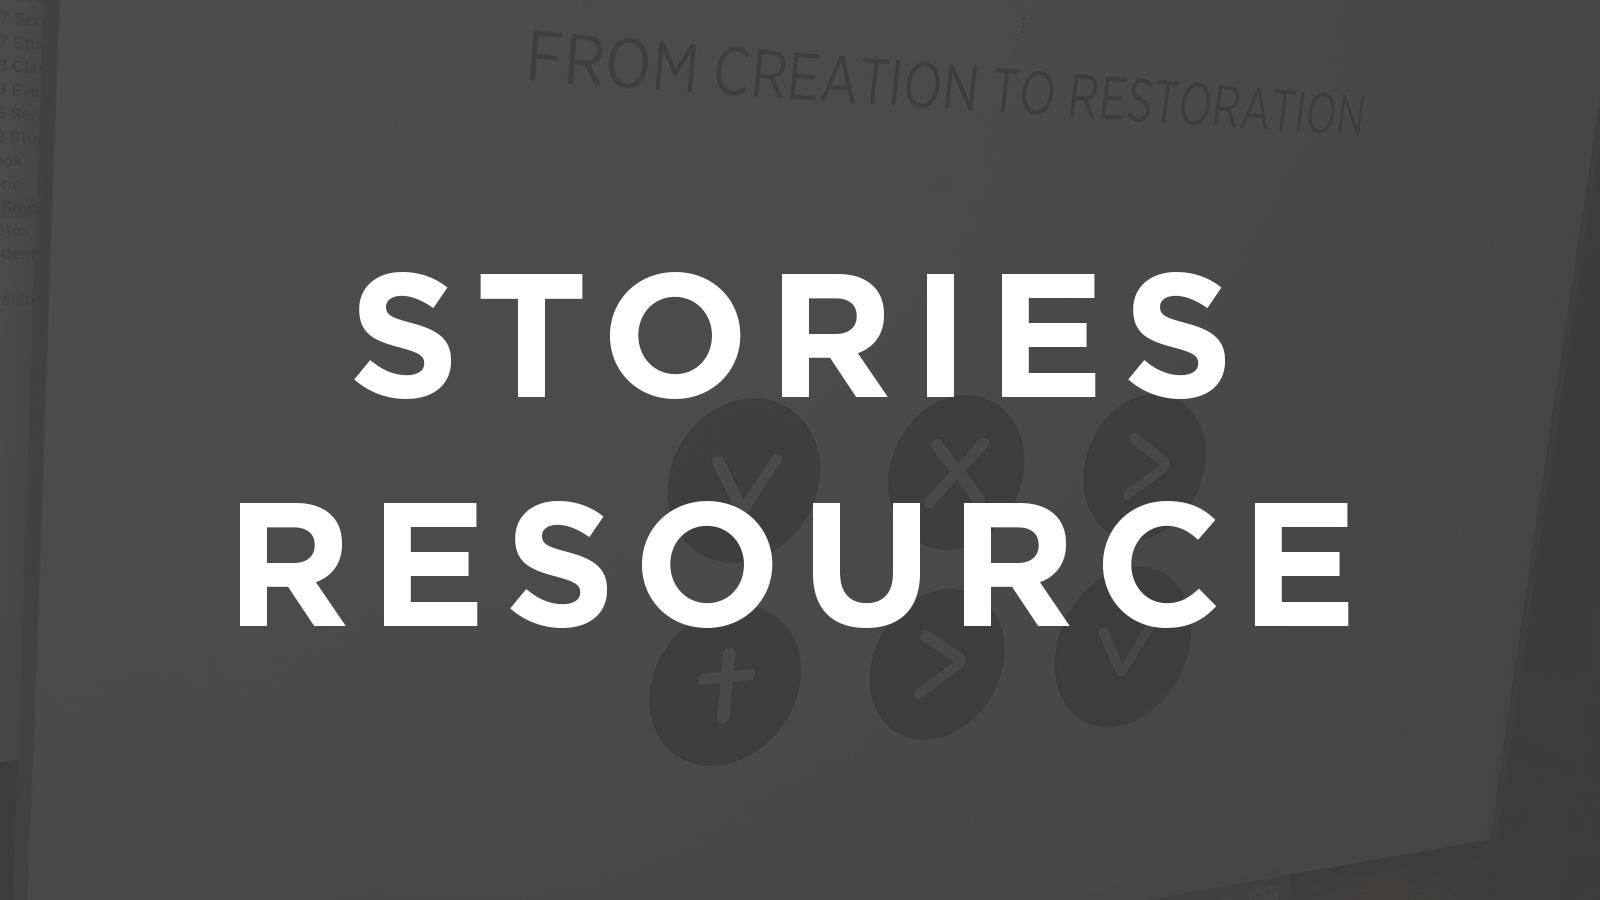 StoriesResource.jpg